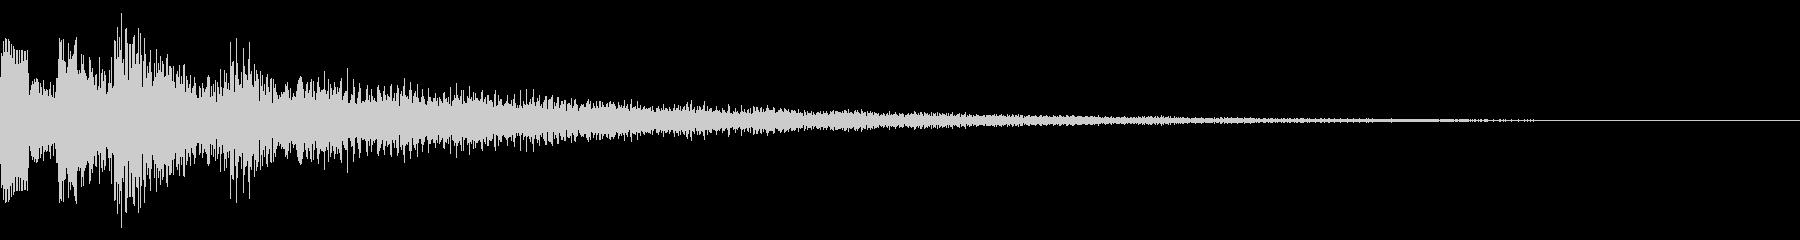 キラキラ/連鎖/コンボ/4回目の未再生の波形